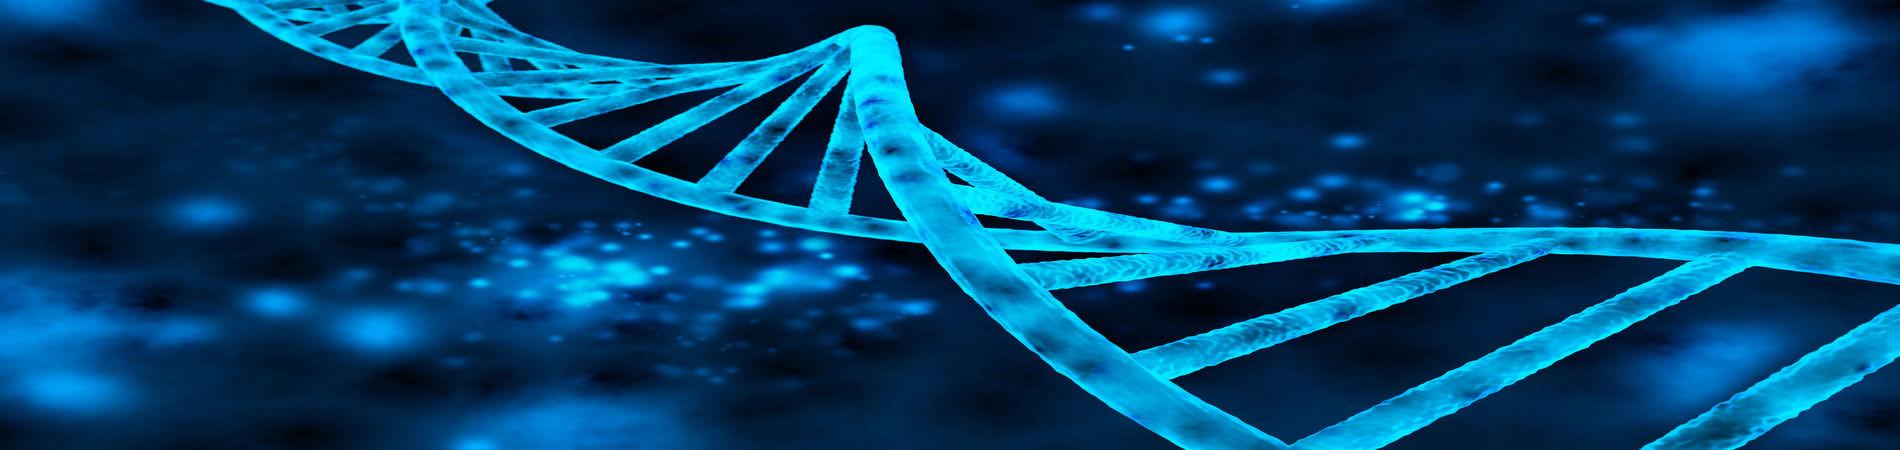 La consulenza genetica: attualità ed aspetti di responsabilità